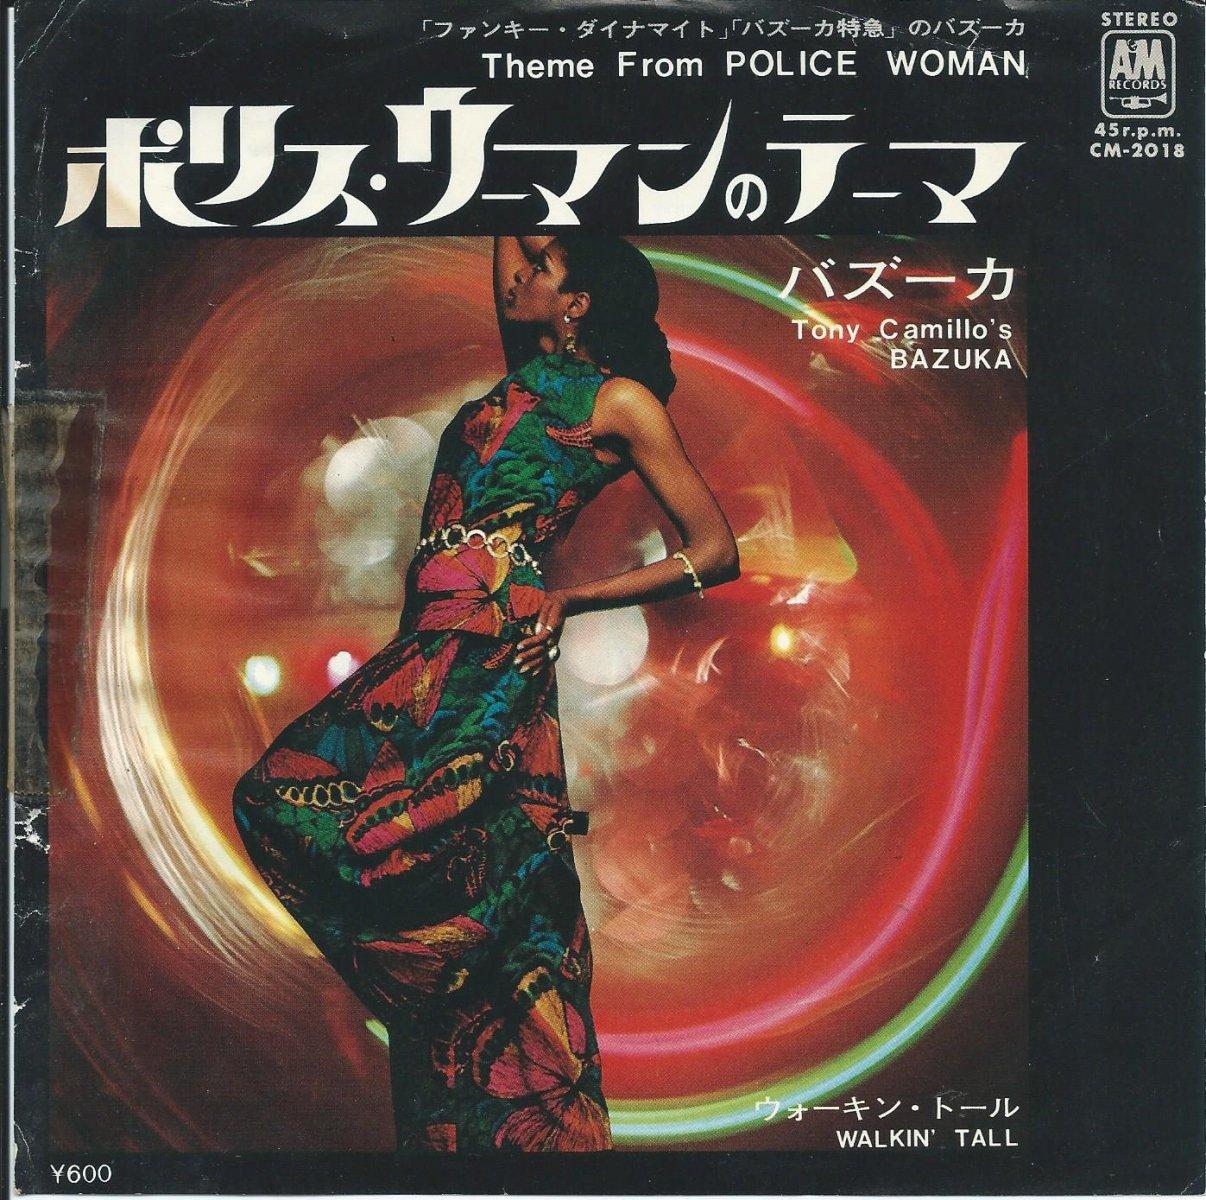 バズーカ TONY CAMILLO'S BAZUKA / ポリス・ウーマンのテーマ THEME FROM POLICE WOMAN (7